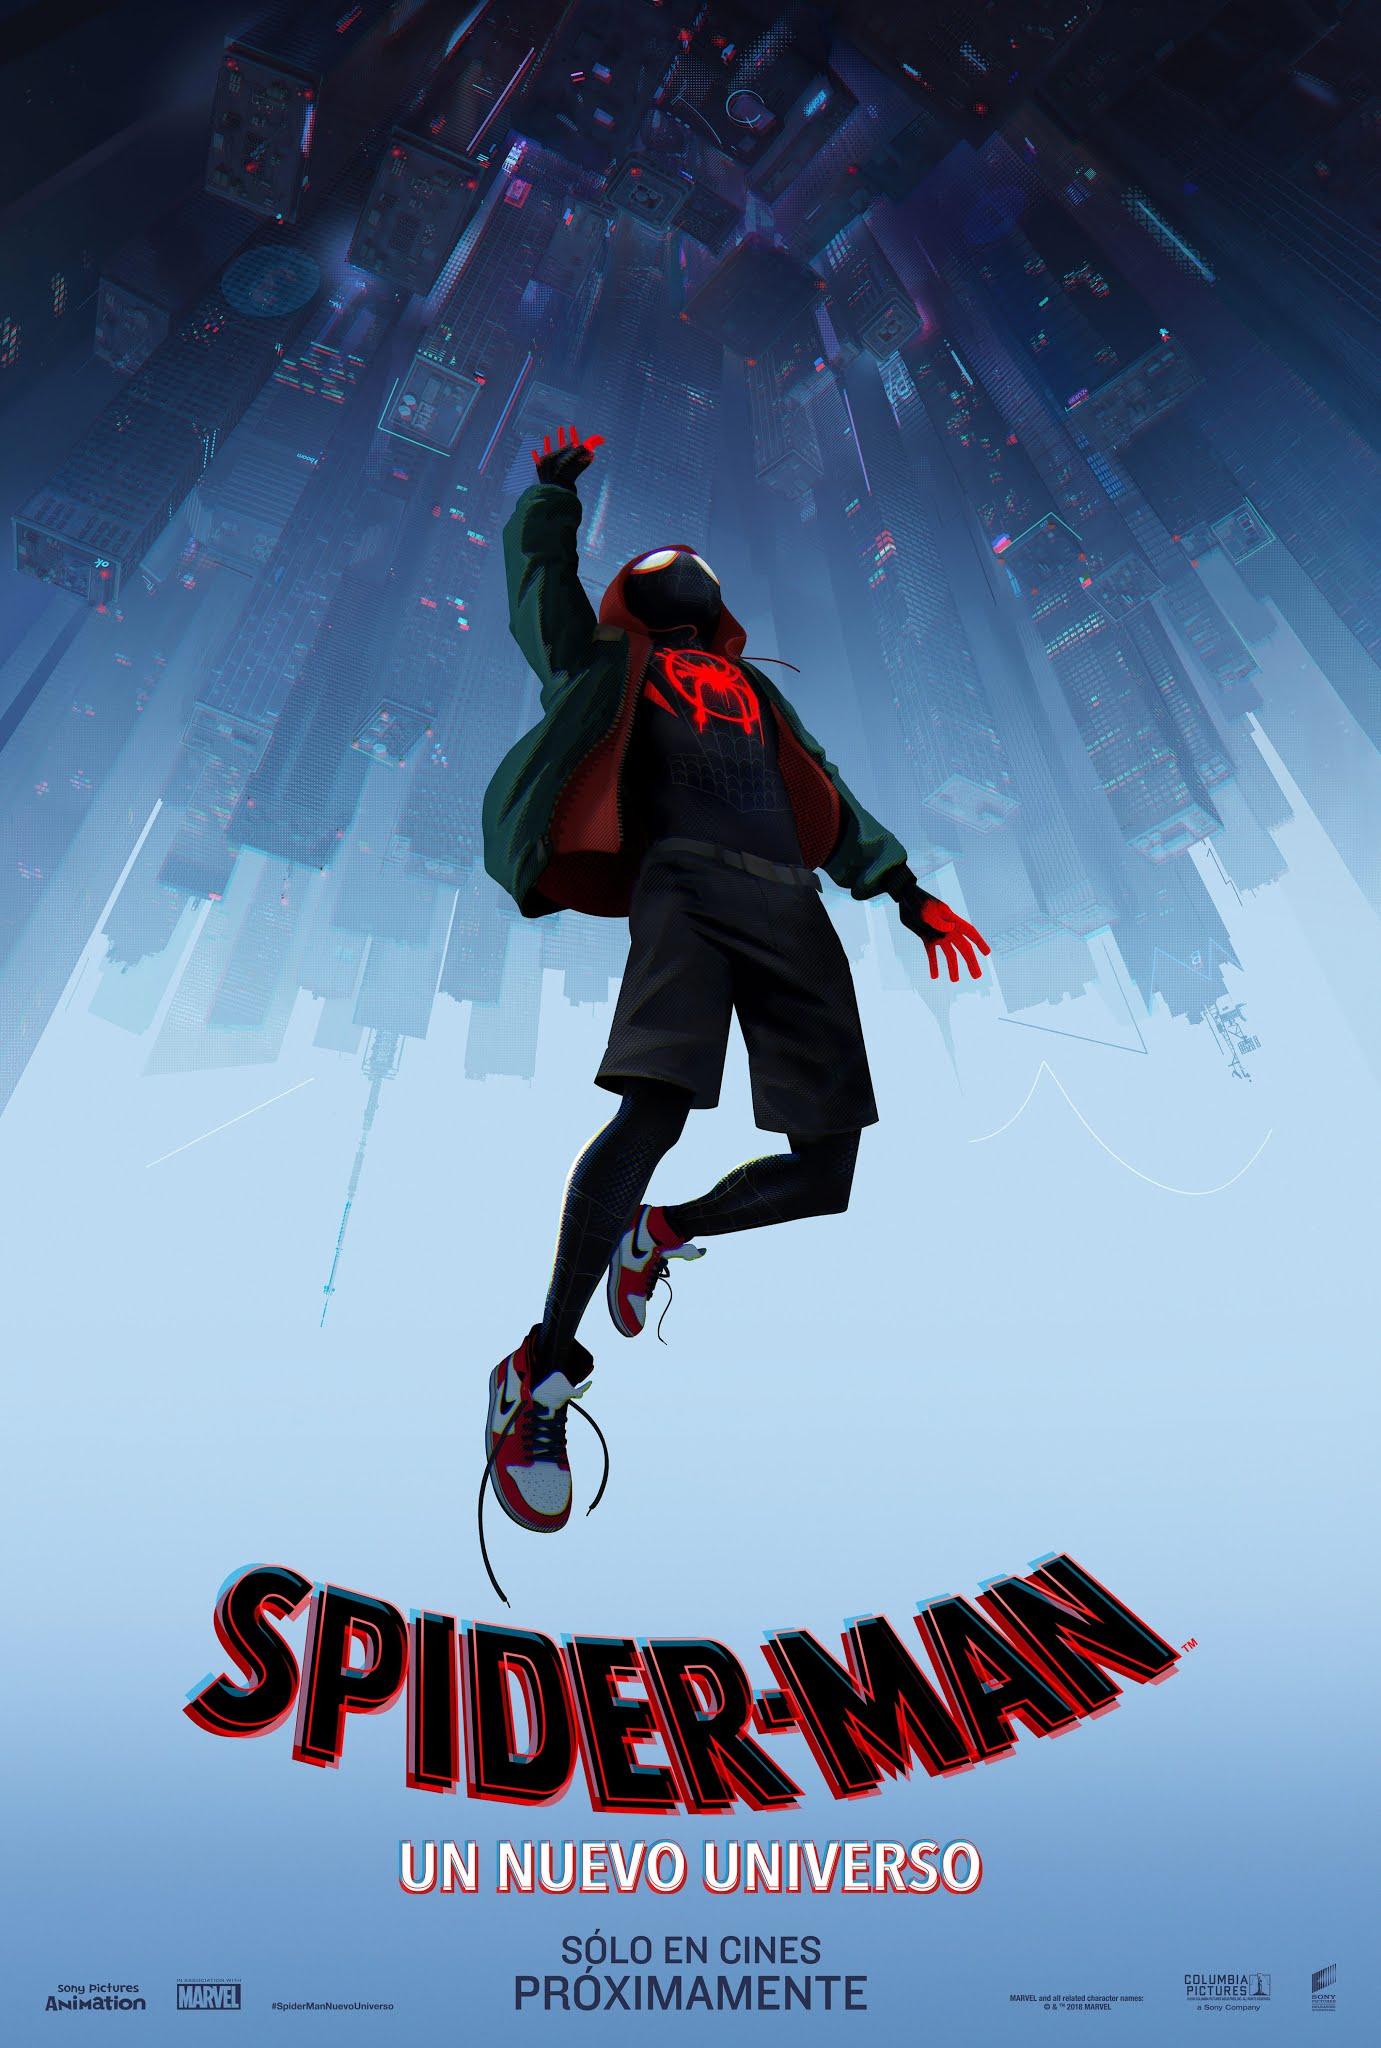 Spiderman: Un nuevo universo Poster